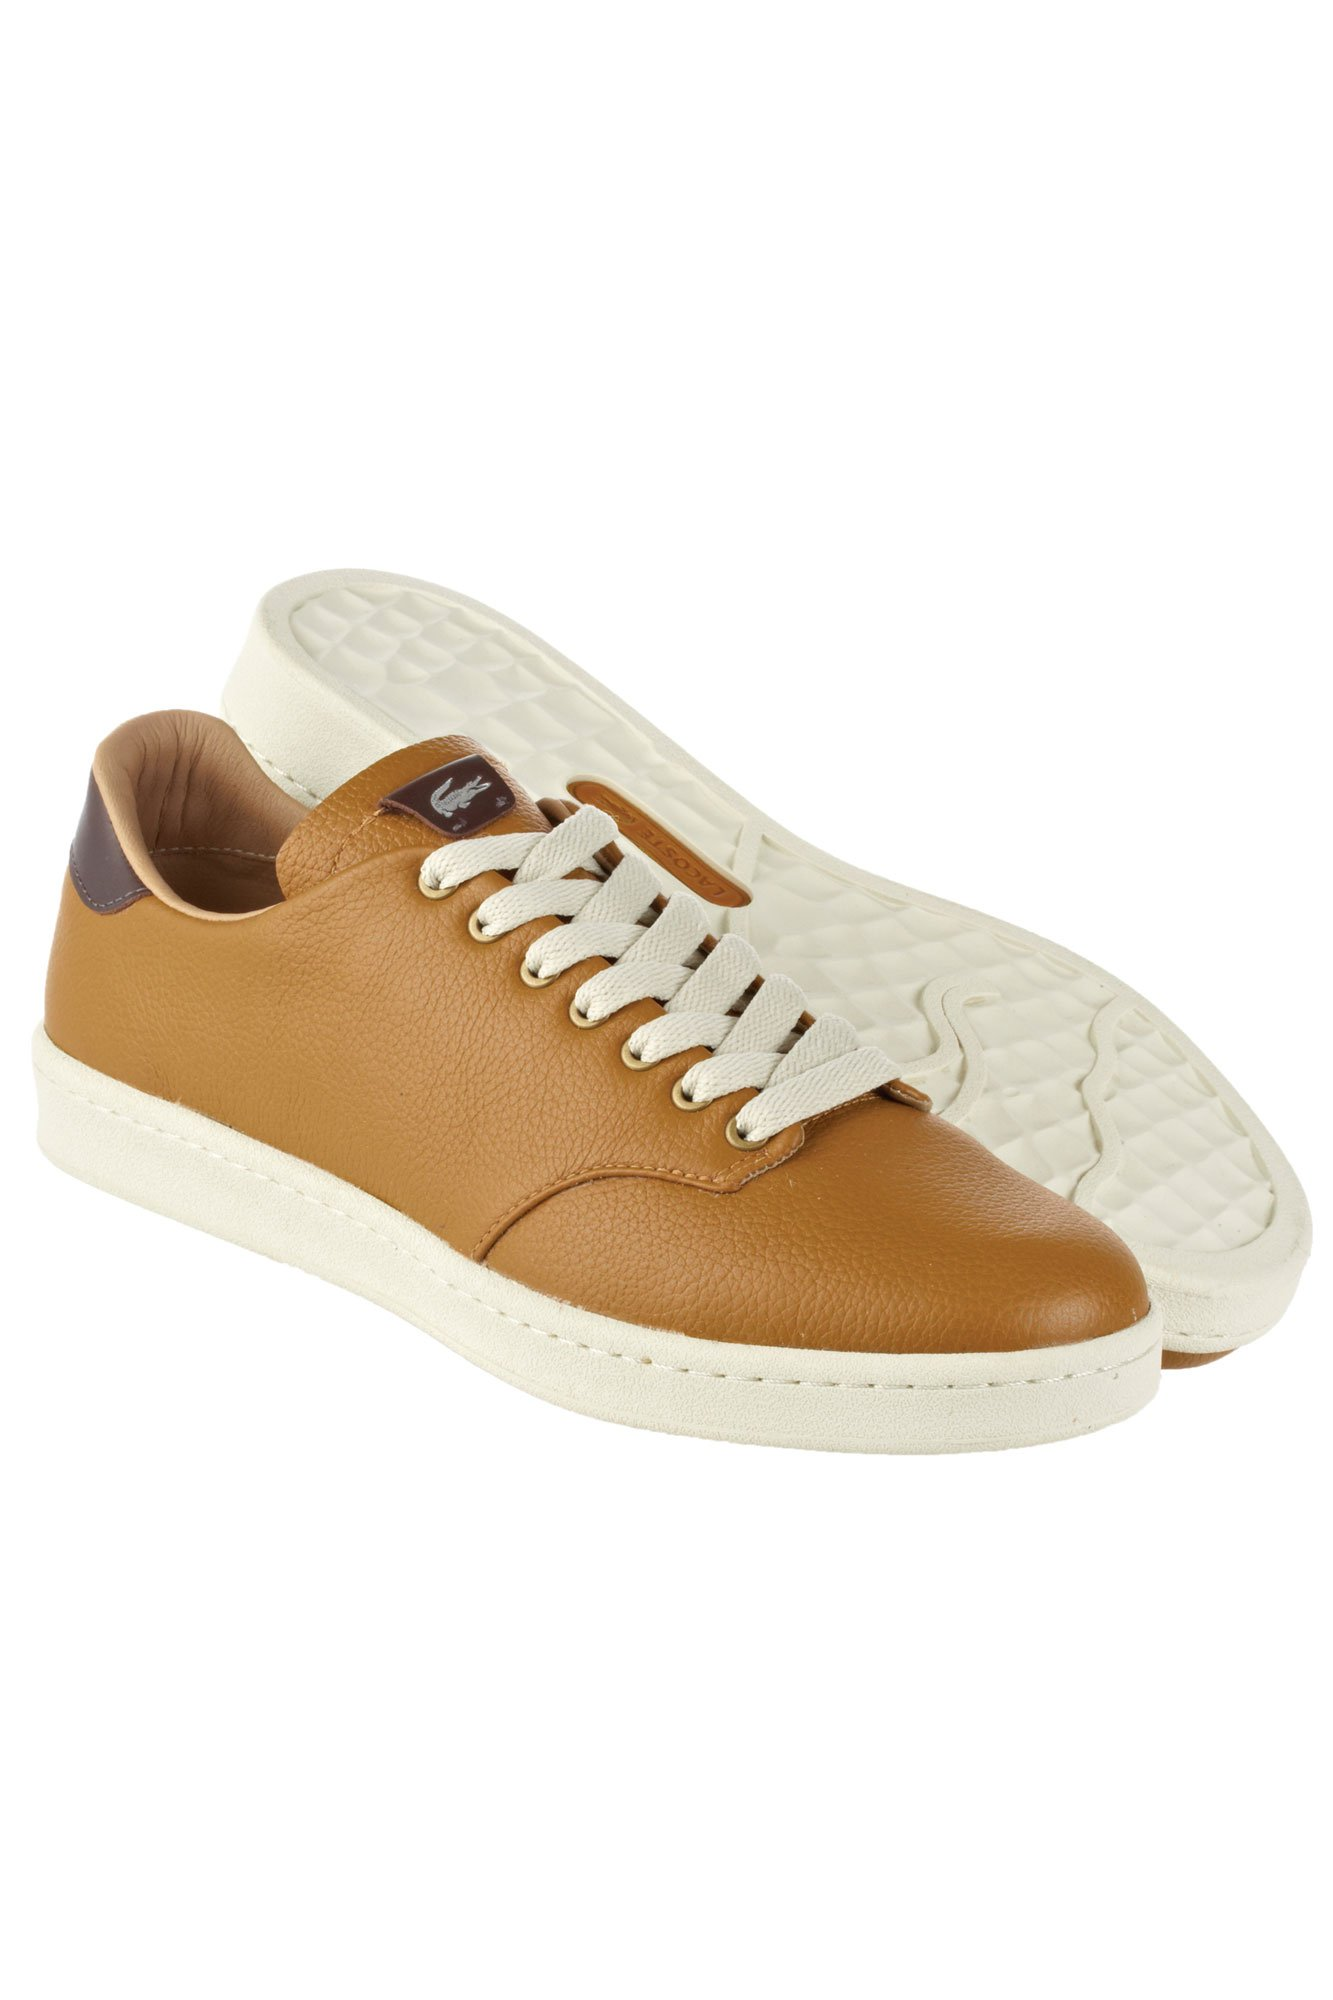 ... Compre Agora Dafiti Brasil 165ebb9da89c4f  http shop.lacoste.com Lacoste-Mens...  dp B0073VXPN8 (sem  Tênis ... bf22c4a91c